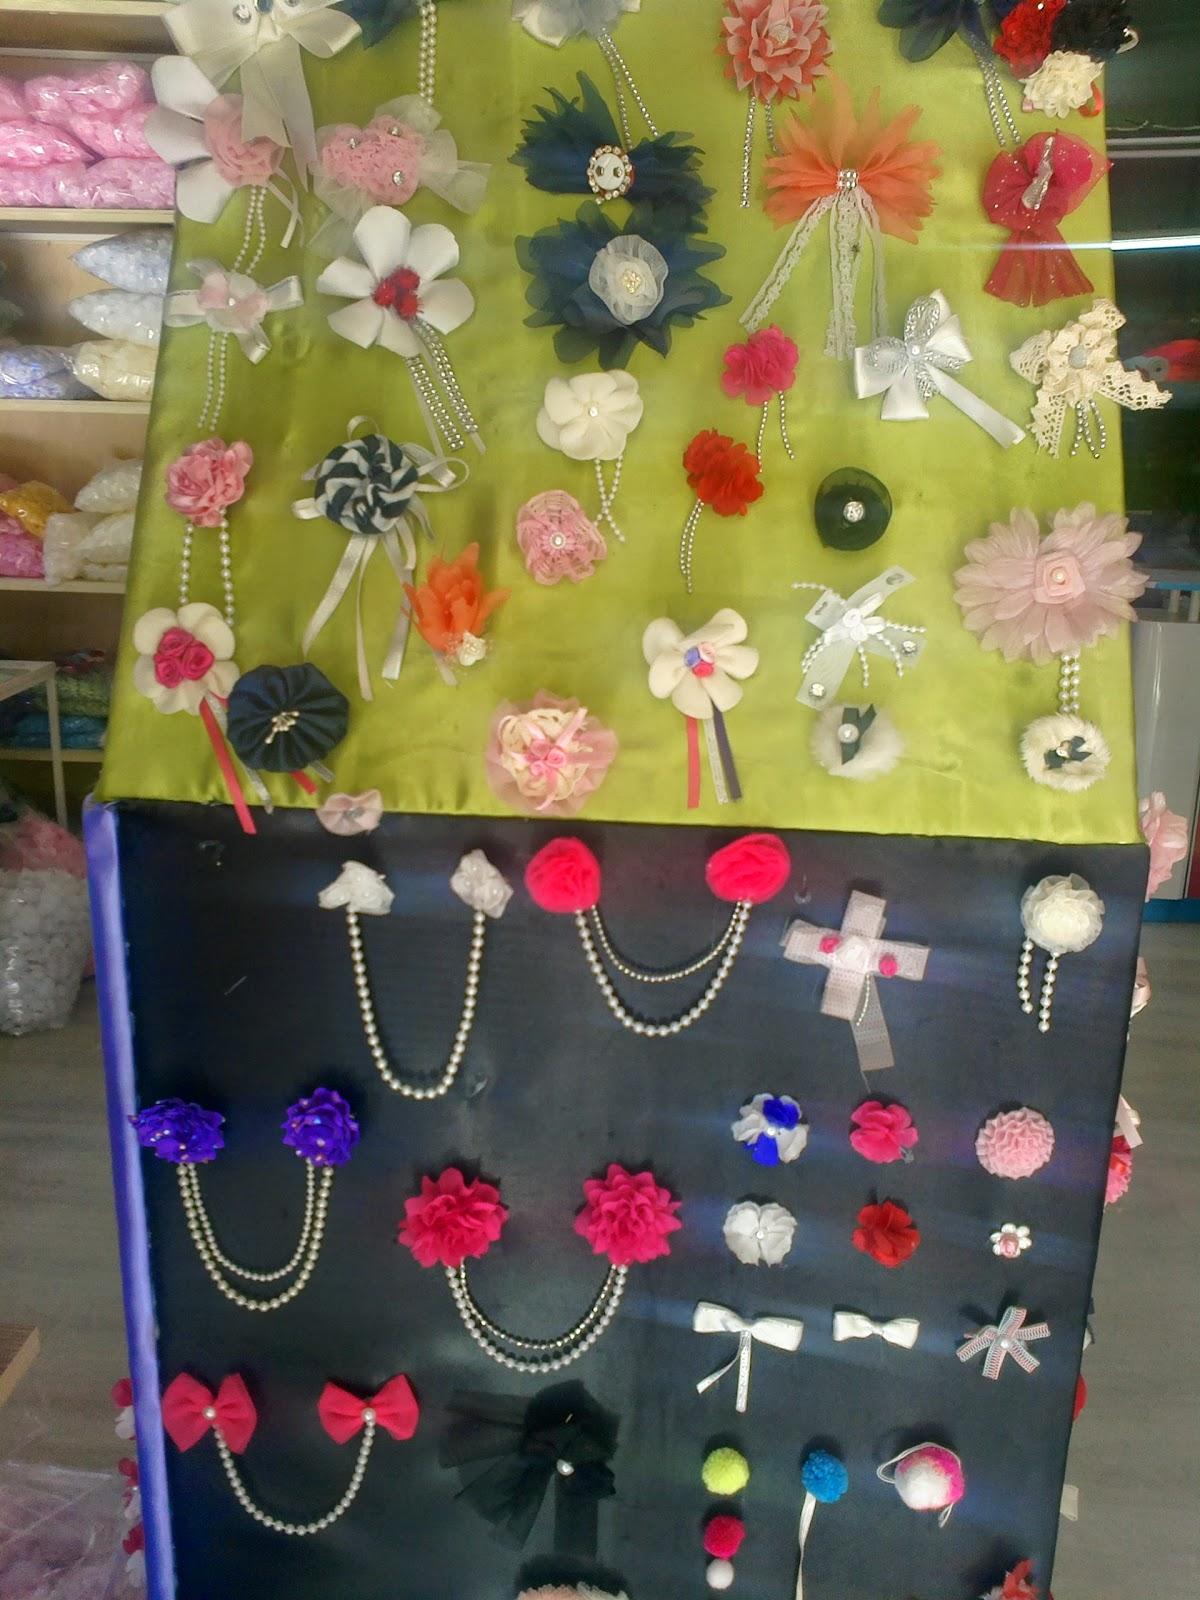 Elbiseler için yapay çiçek imalatı süsleme çiçekleri tekstil aksesuar